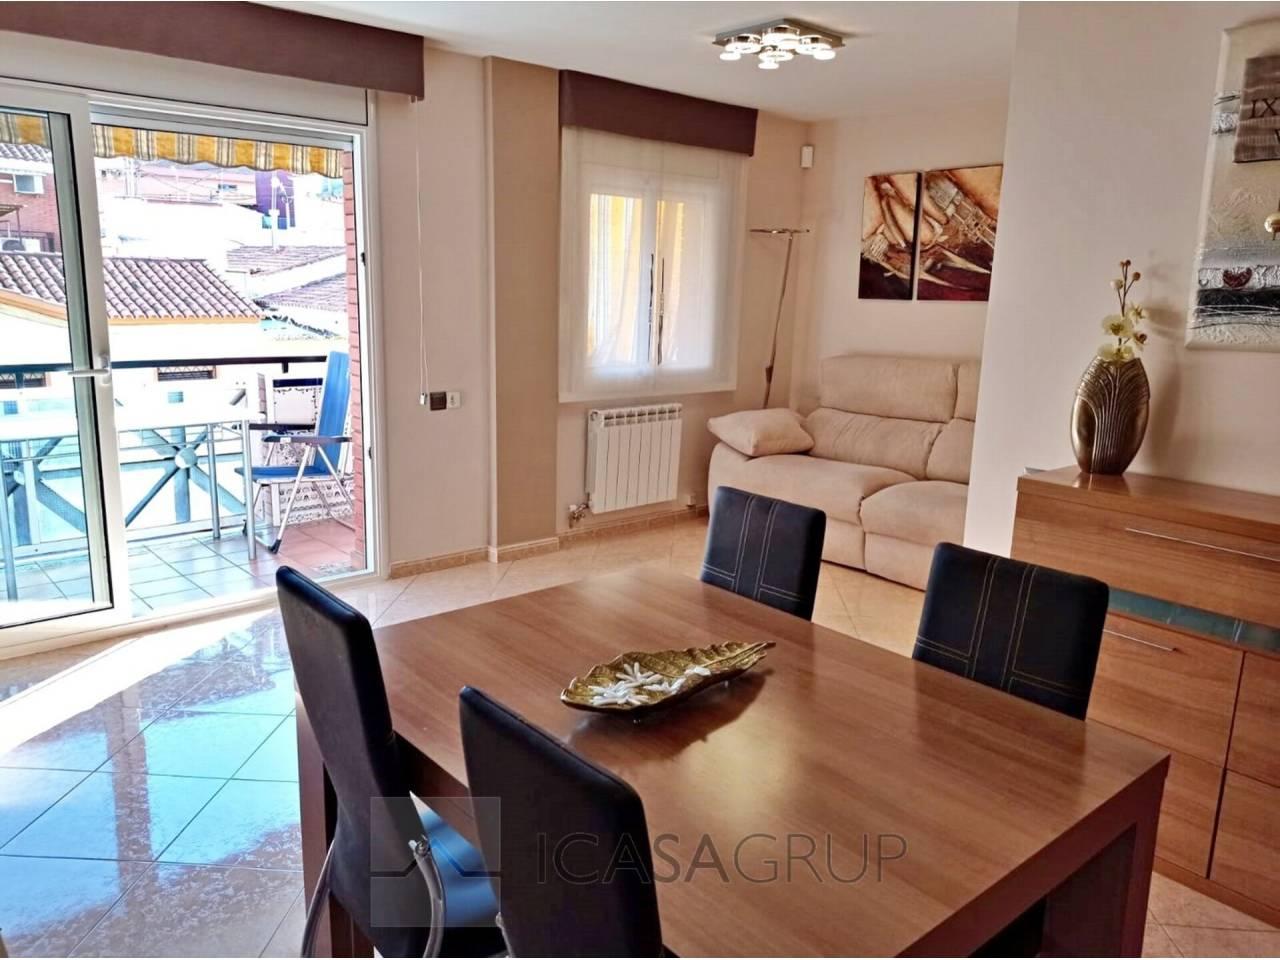 Piso de 3 habitaciones, con terraza y balcón en Zona Nord-Rubí